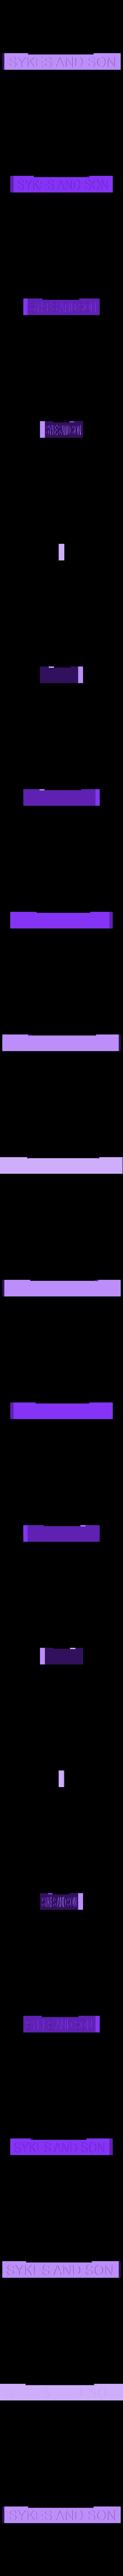 fun_sign1_1.stl Télécharger fichier STL gratuit Ripper's London - Salon funéraire / boutique • Design pour imprimante 3D, Earsling